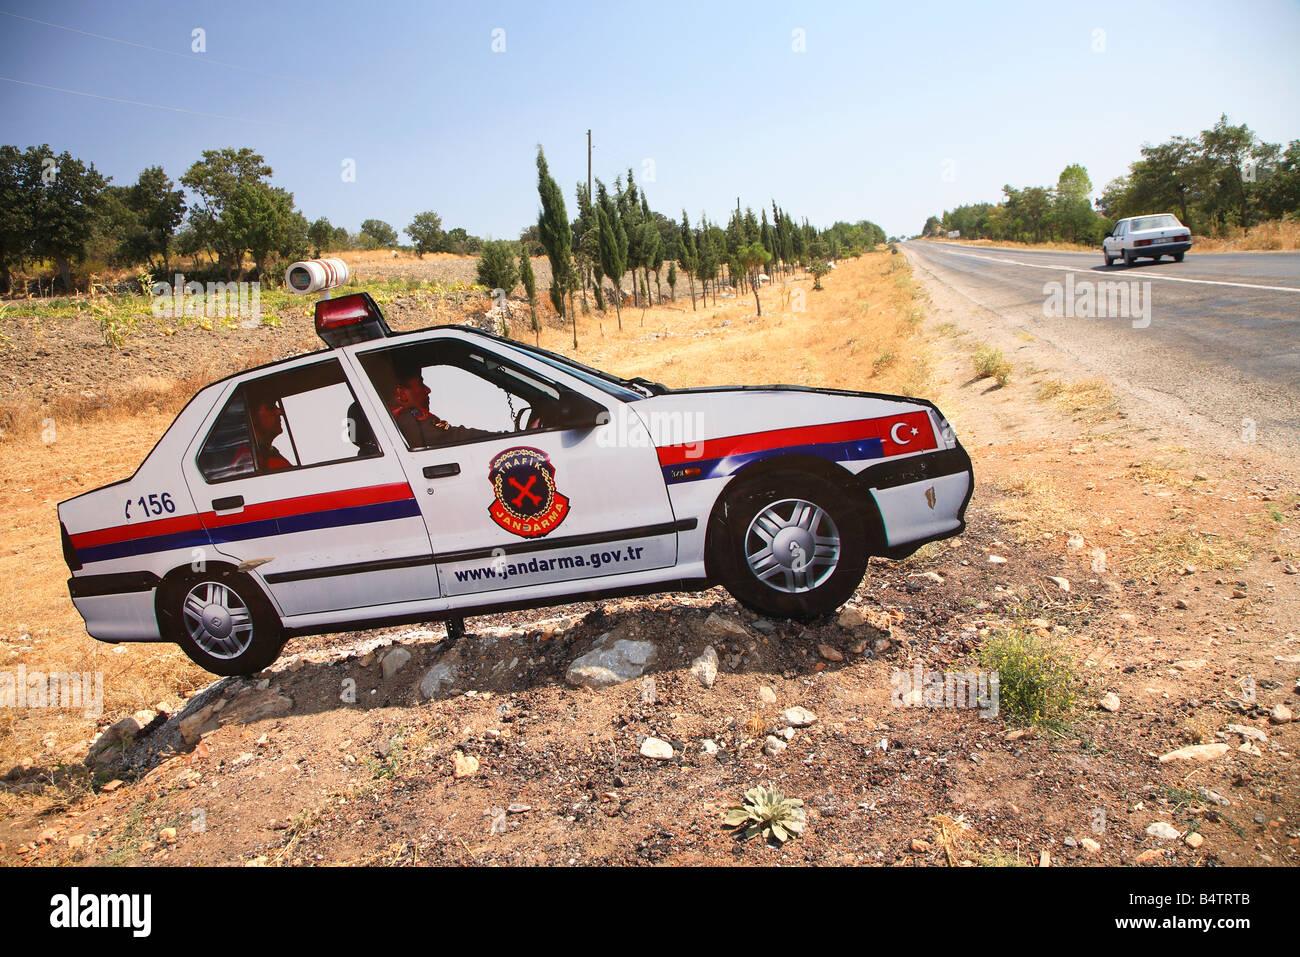 Fake Car Stock Photos & Fake Car Stock Images - Alamy